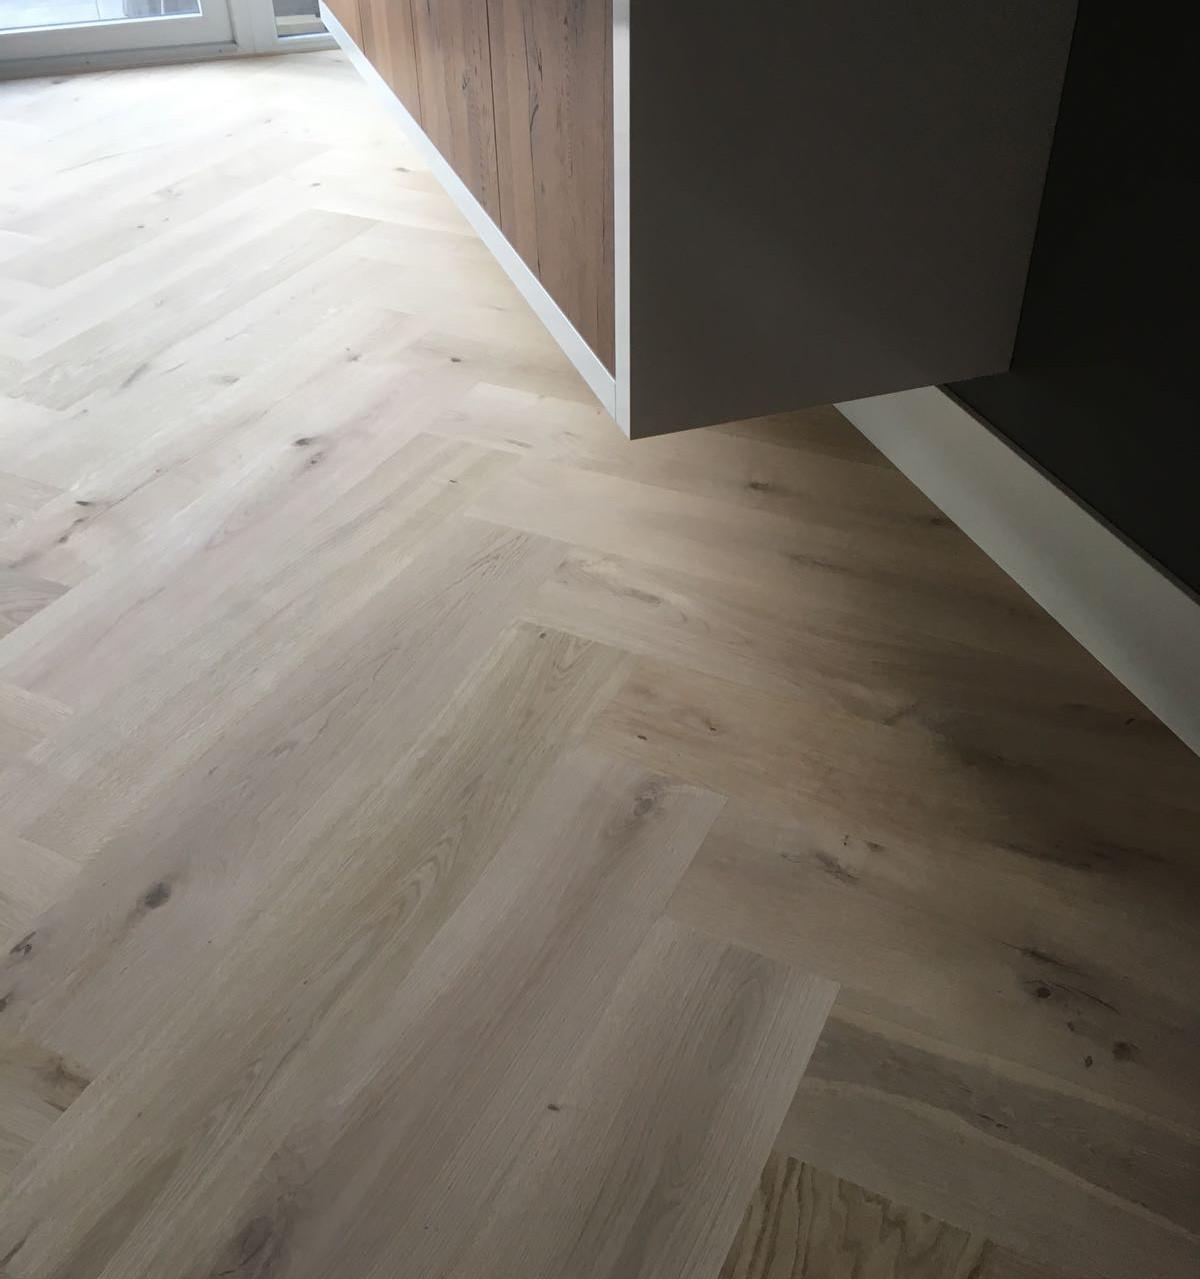 Maatproduct visgraat vloer